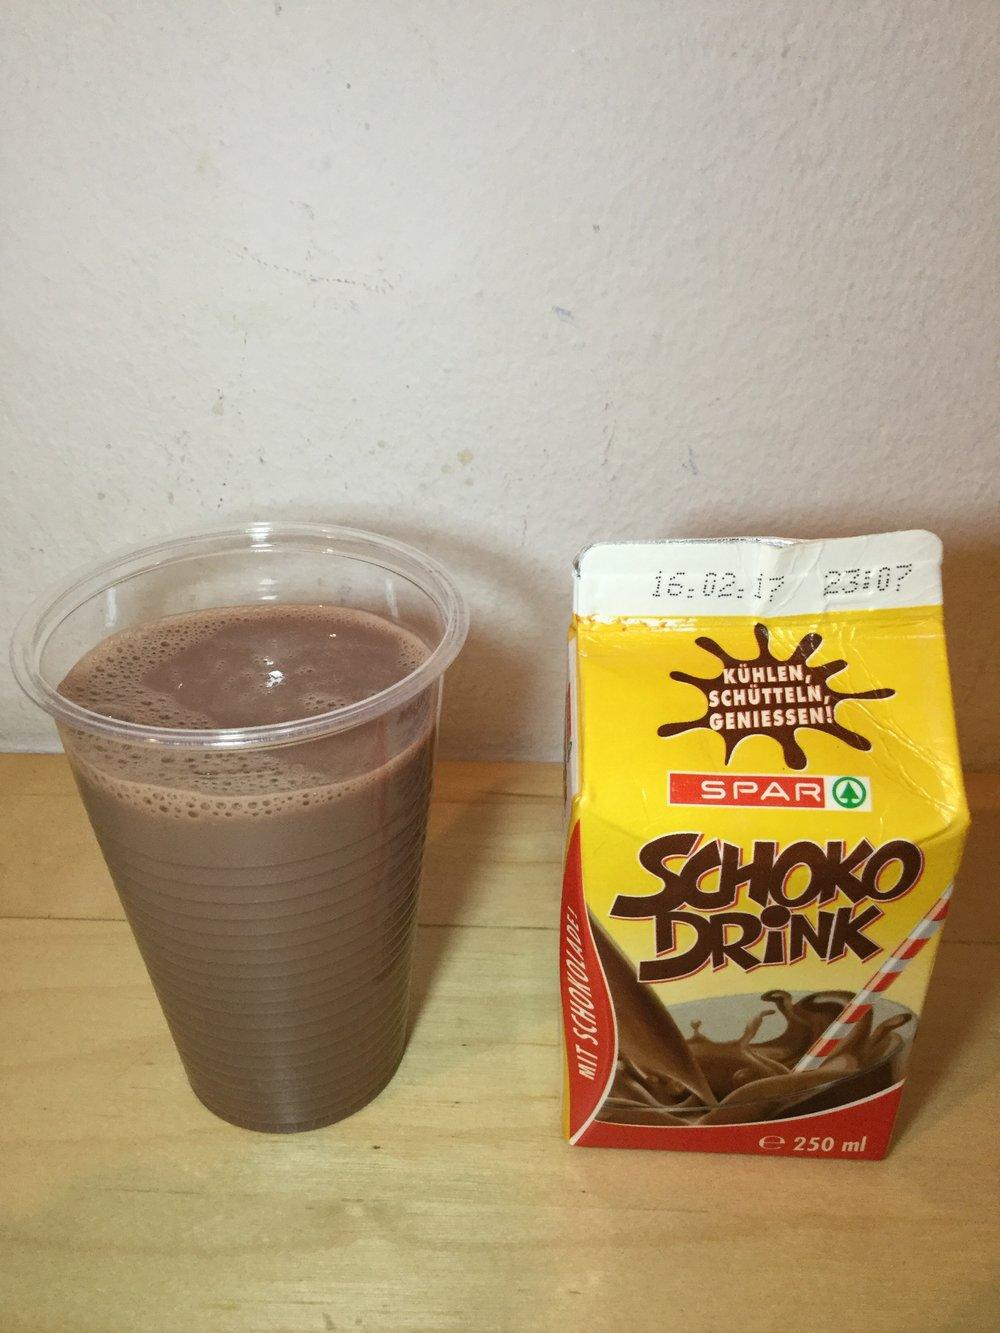 Spar Schoko Drink Cup